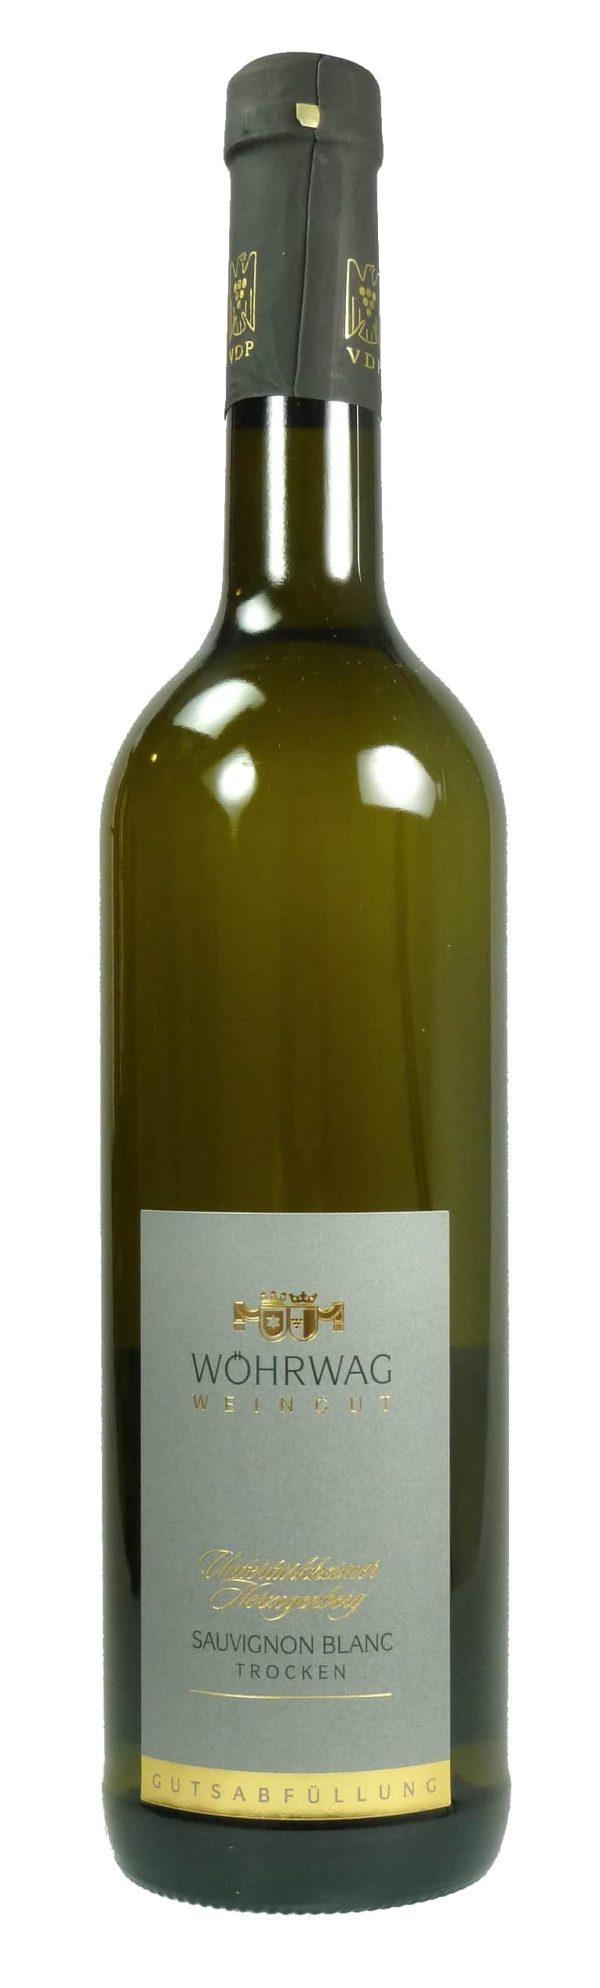 Untertürkheimer Herzogenberg Sauvignon blanc Qualitätswein trocken 2018